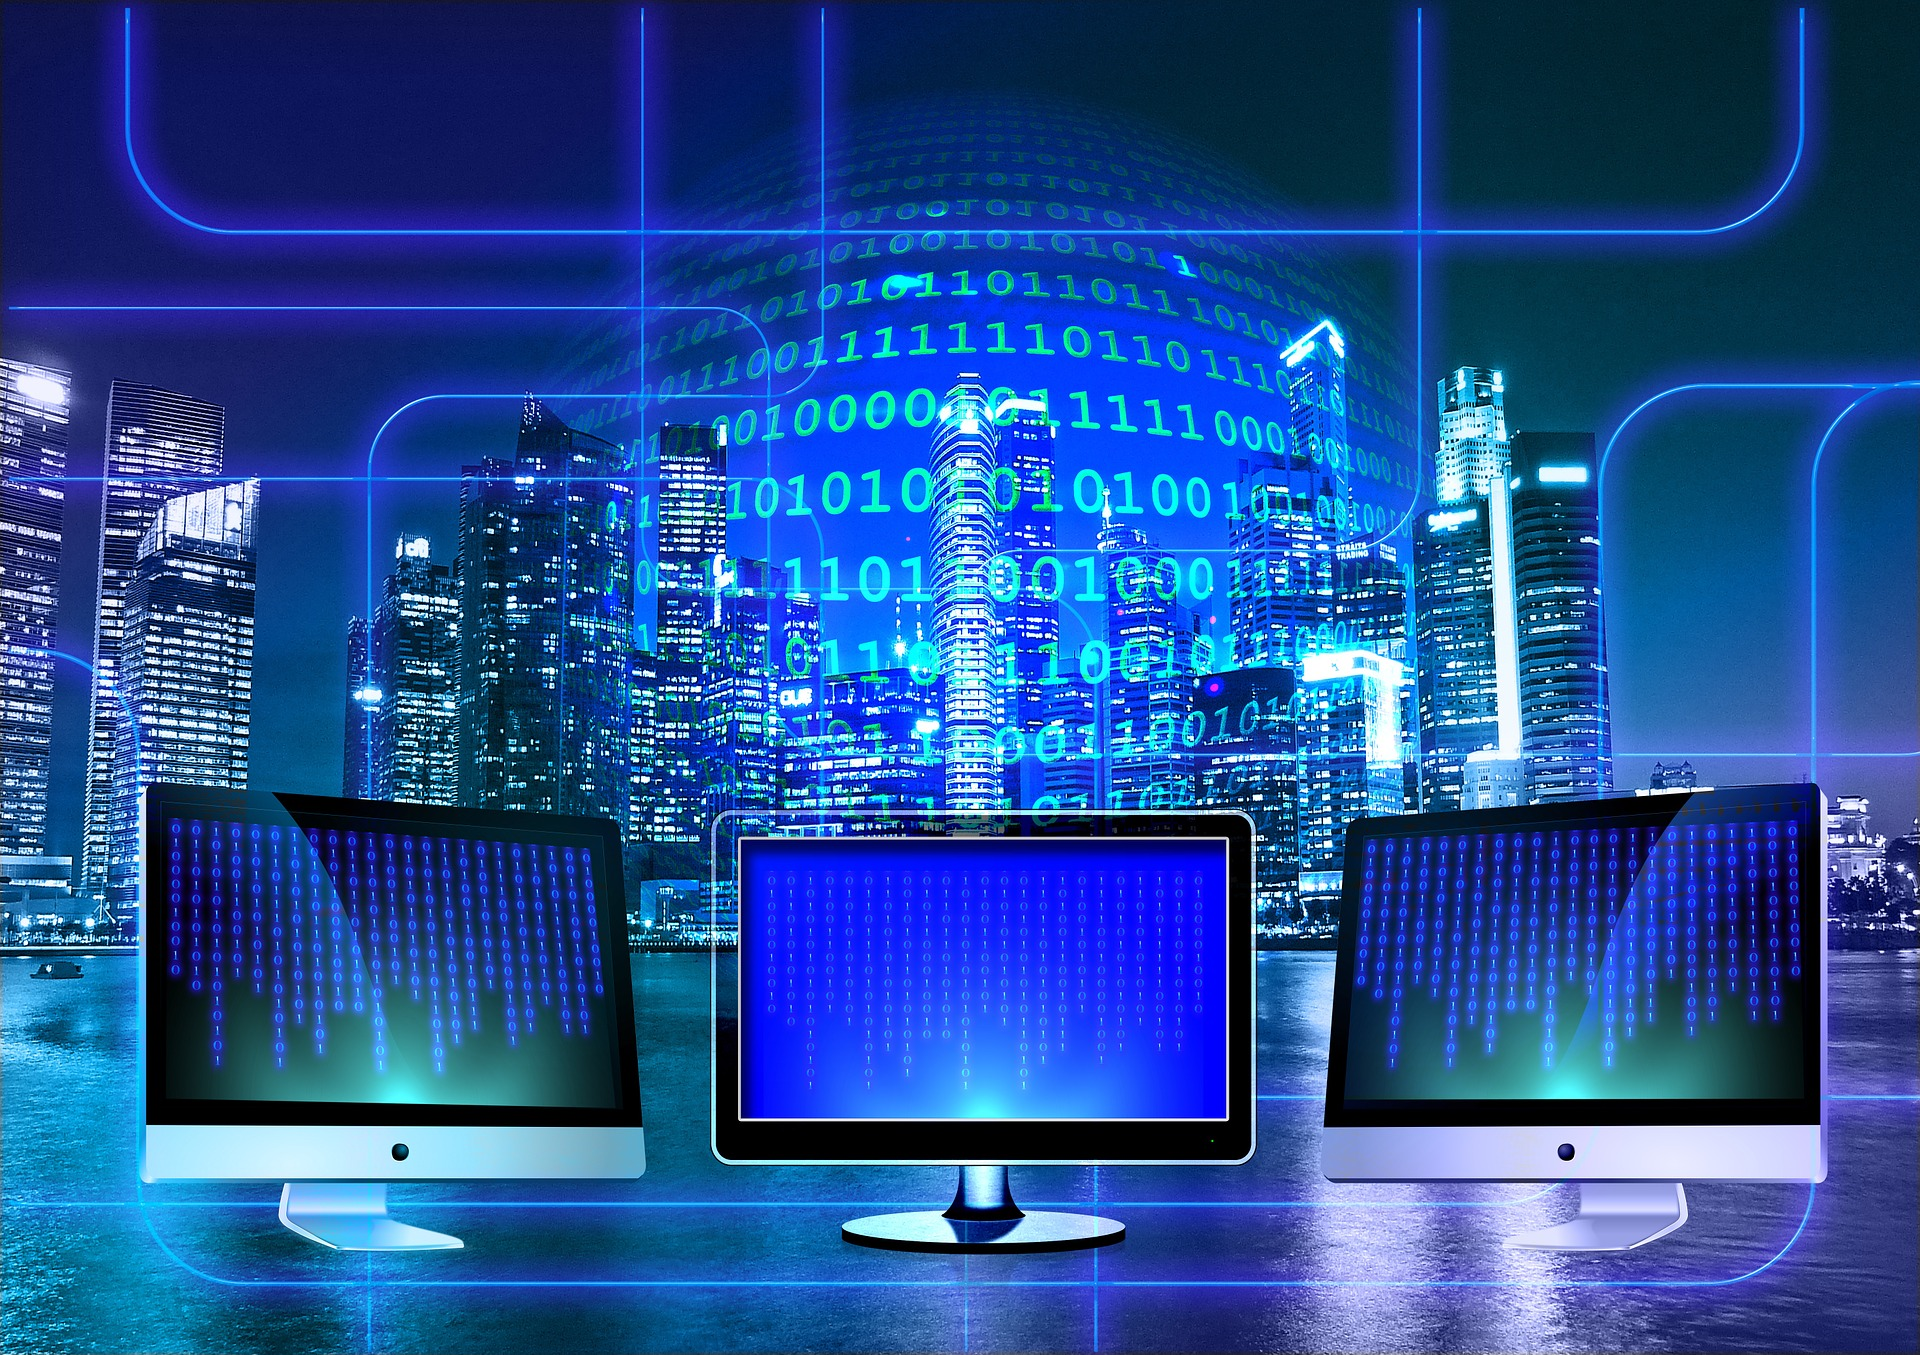 monitores com sistemas binarios